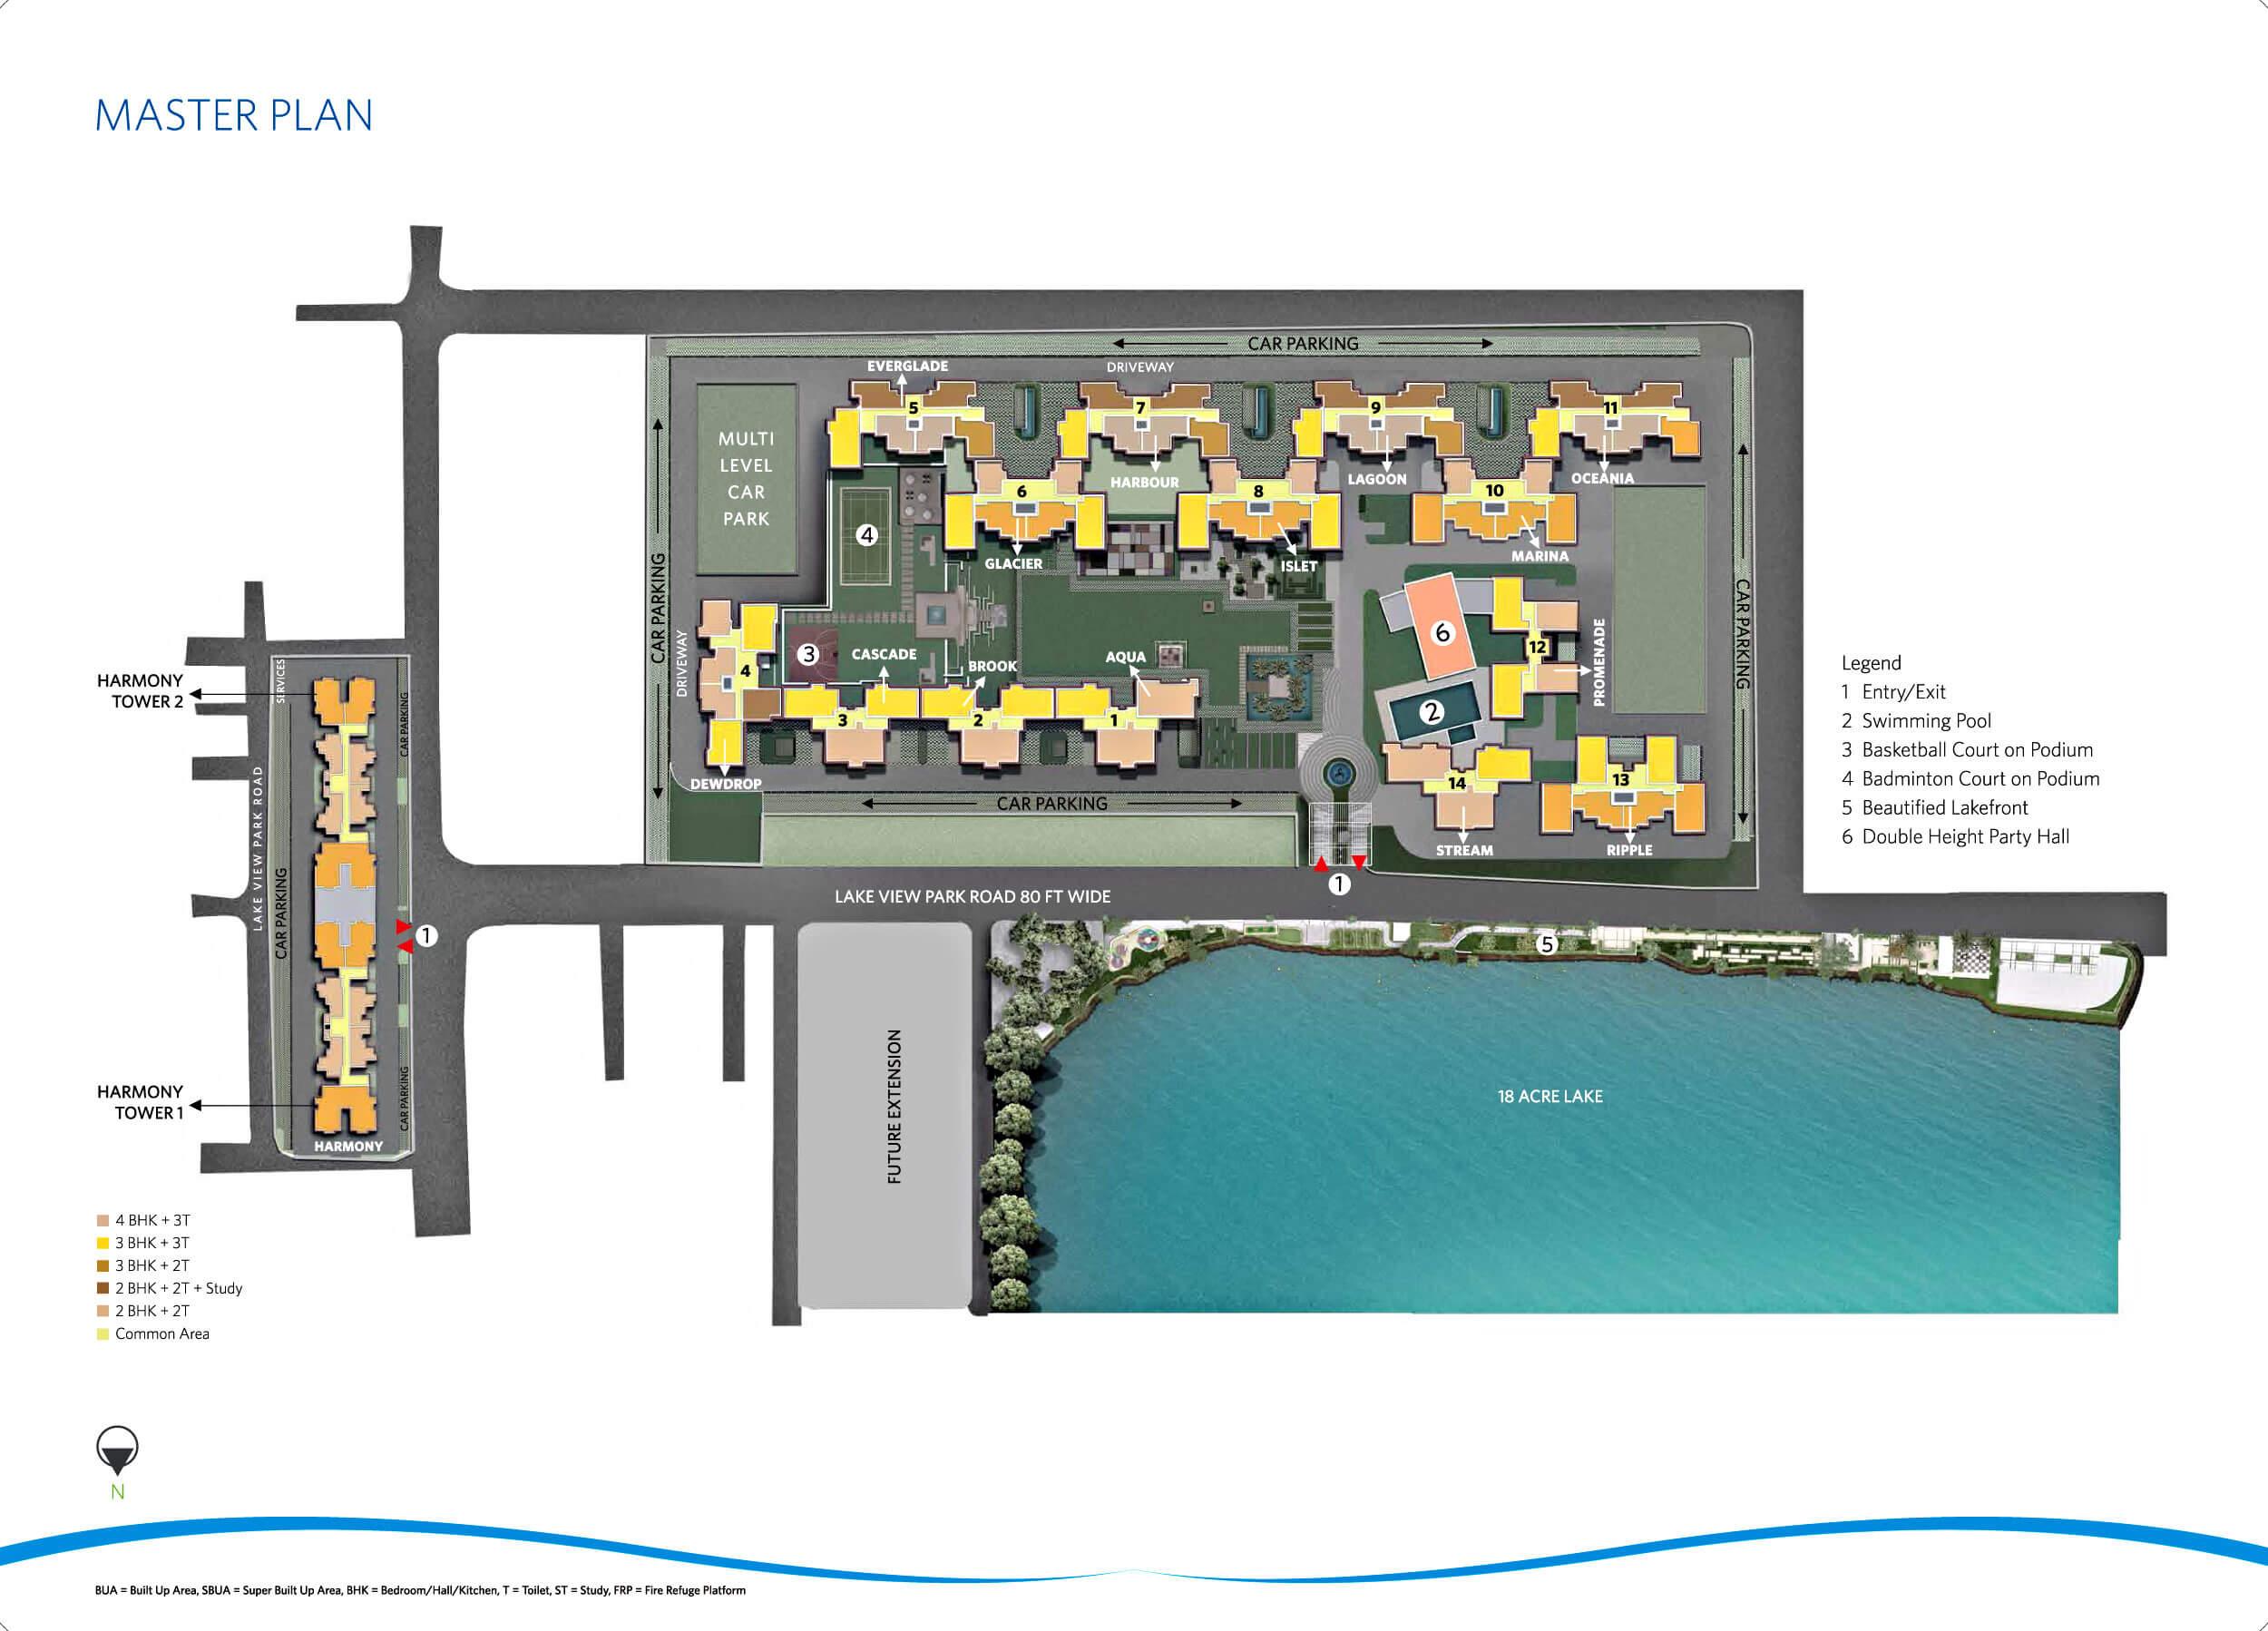 siddha eden lakeville master plan image1